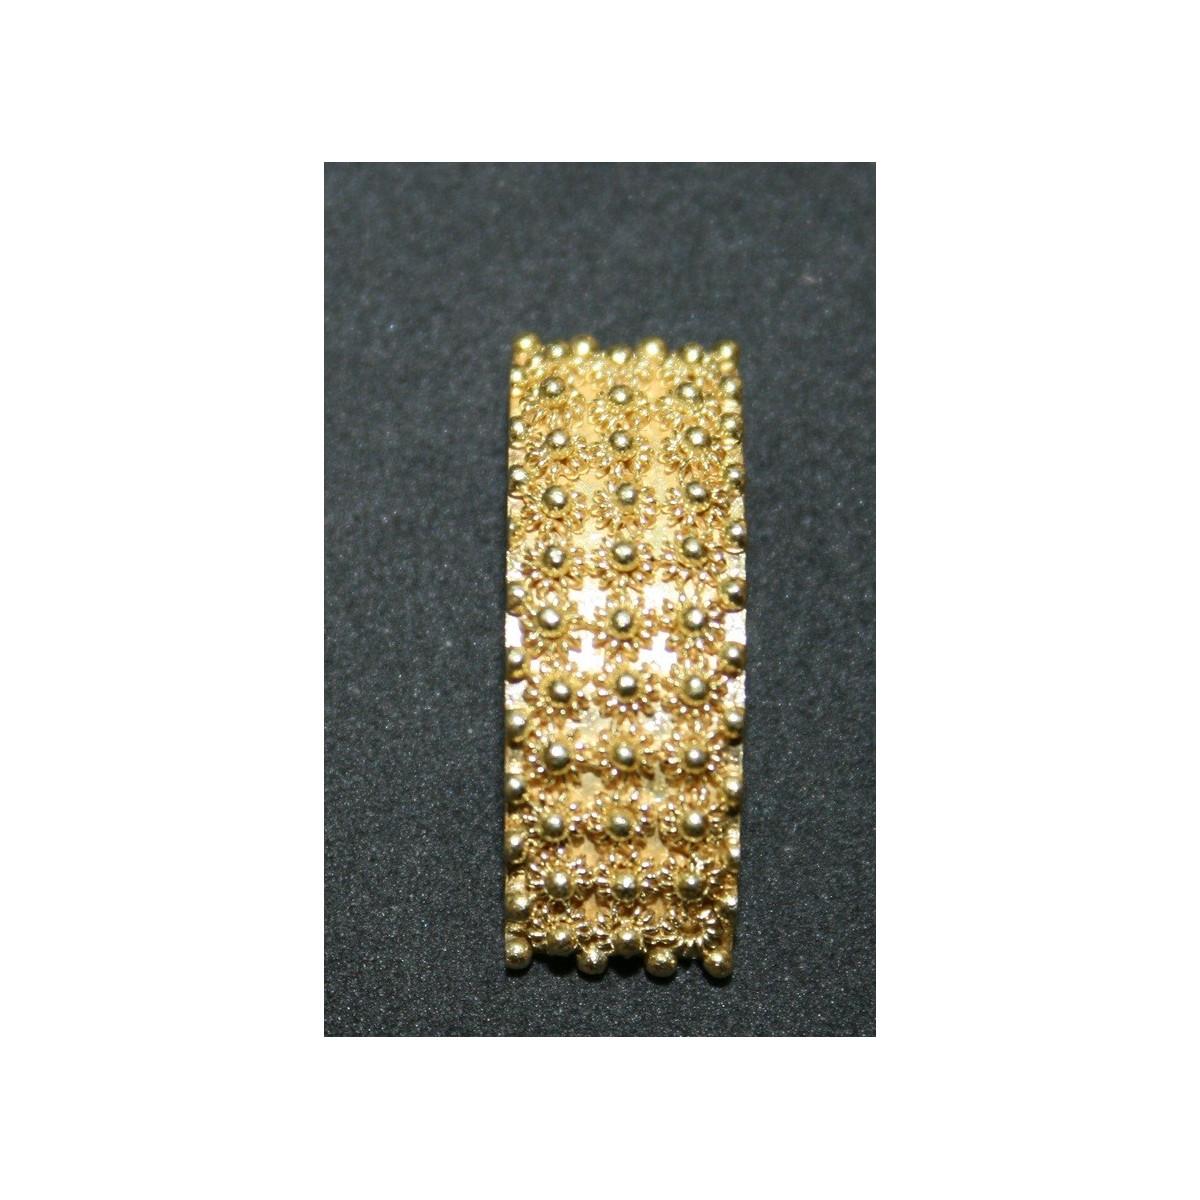 http://www.gioiellipiluzza.com/207-417-thickbox/ciondolo-oro-750.jpg